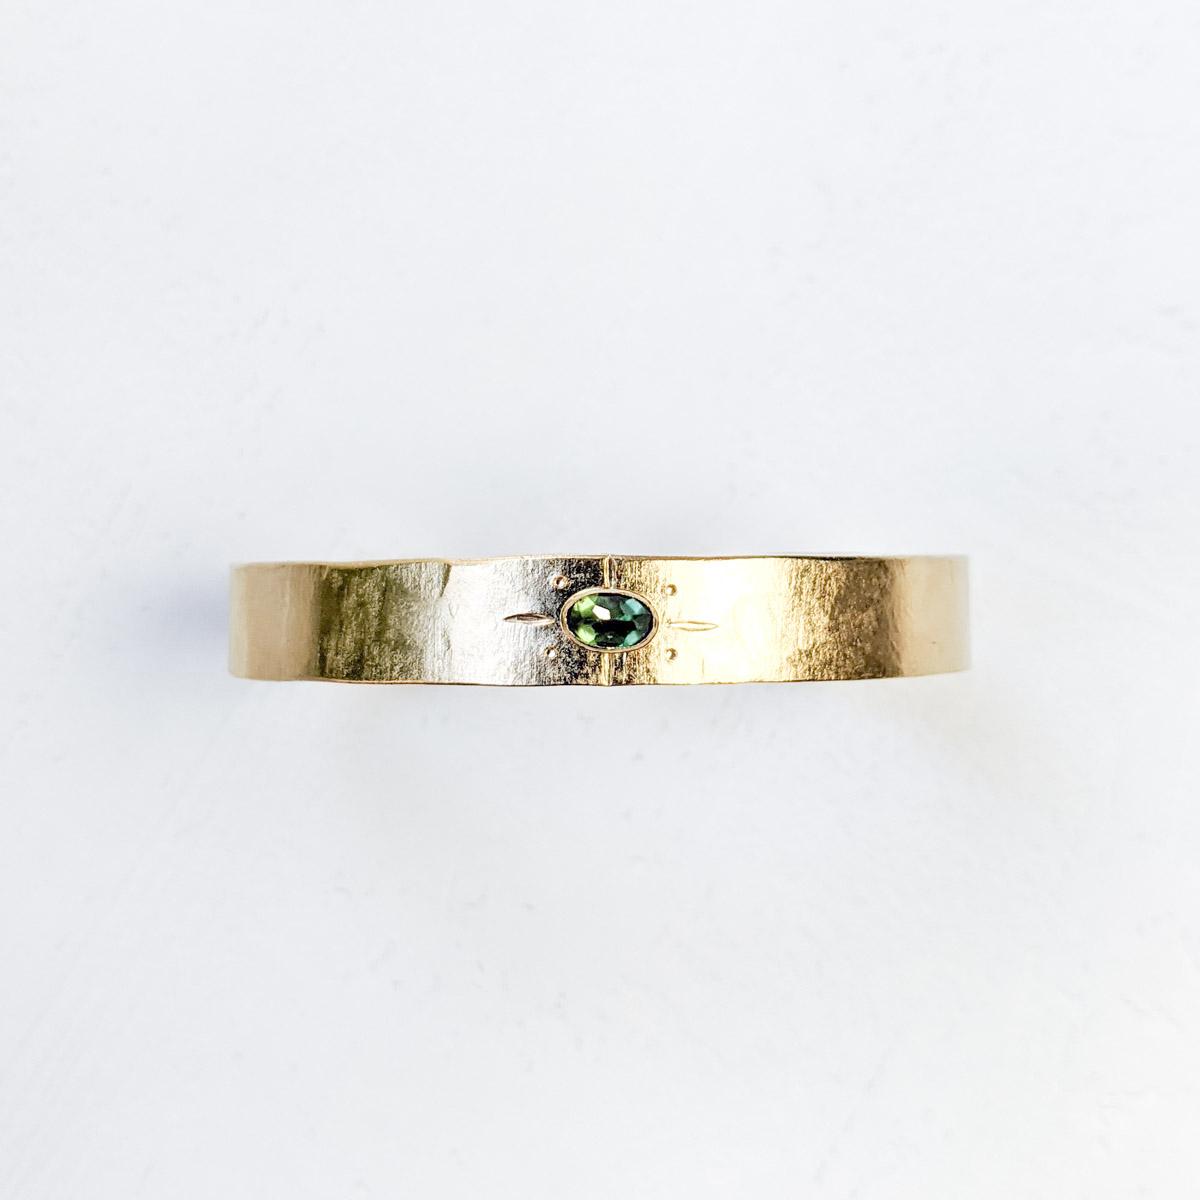 https://www.apachecreation.com/wp-content/uploads/2020/11/bracelet-kilim-vert-2.jpg